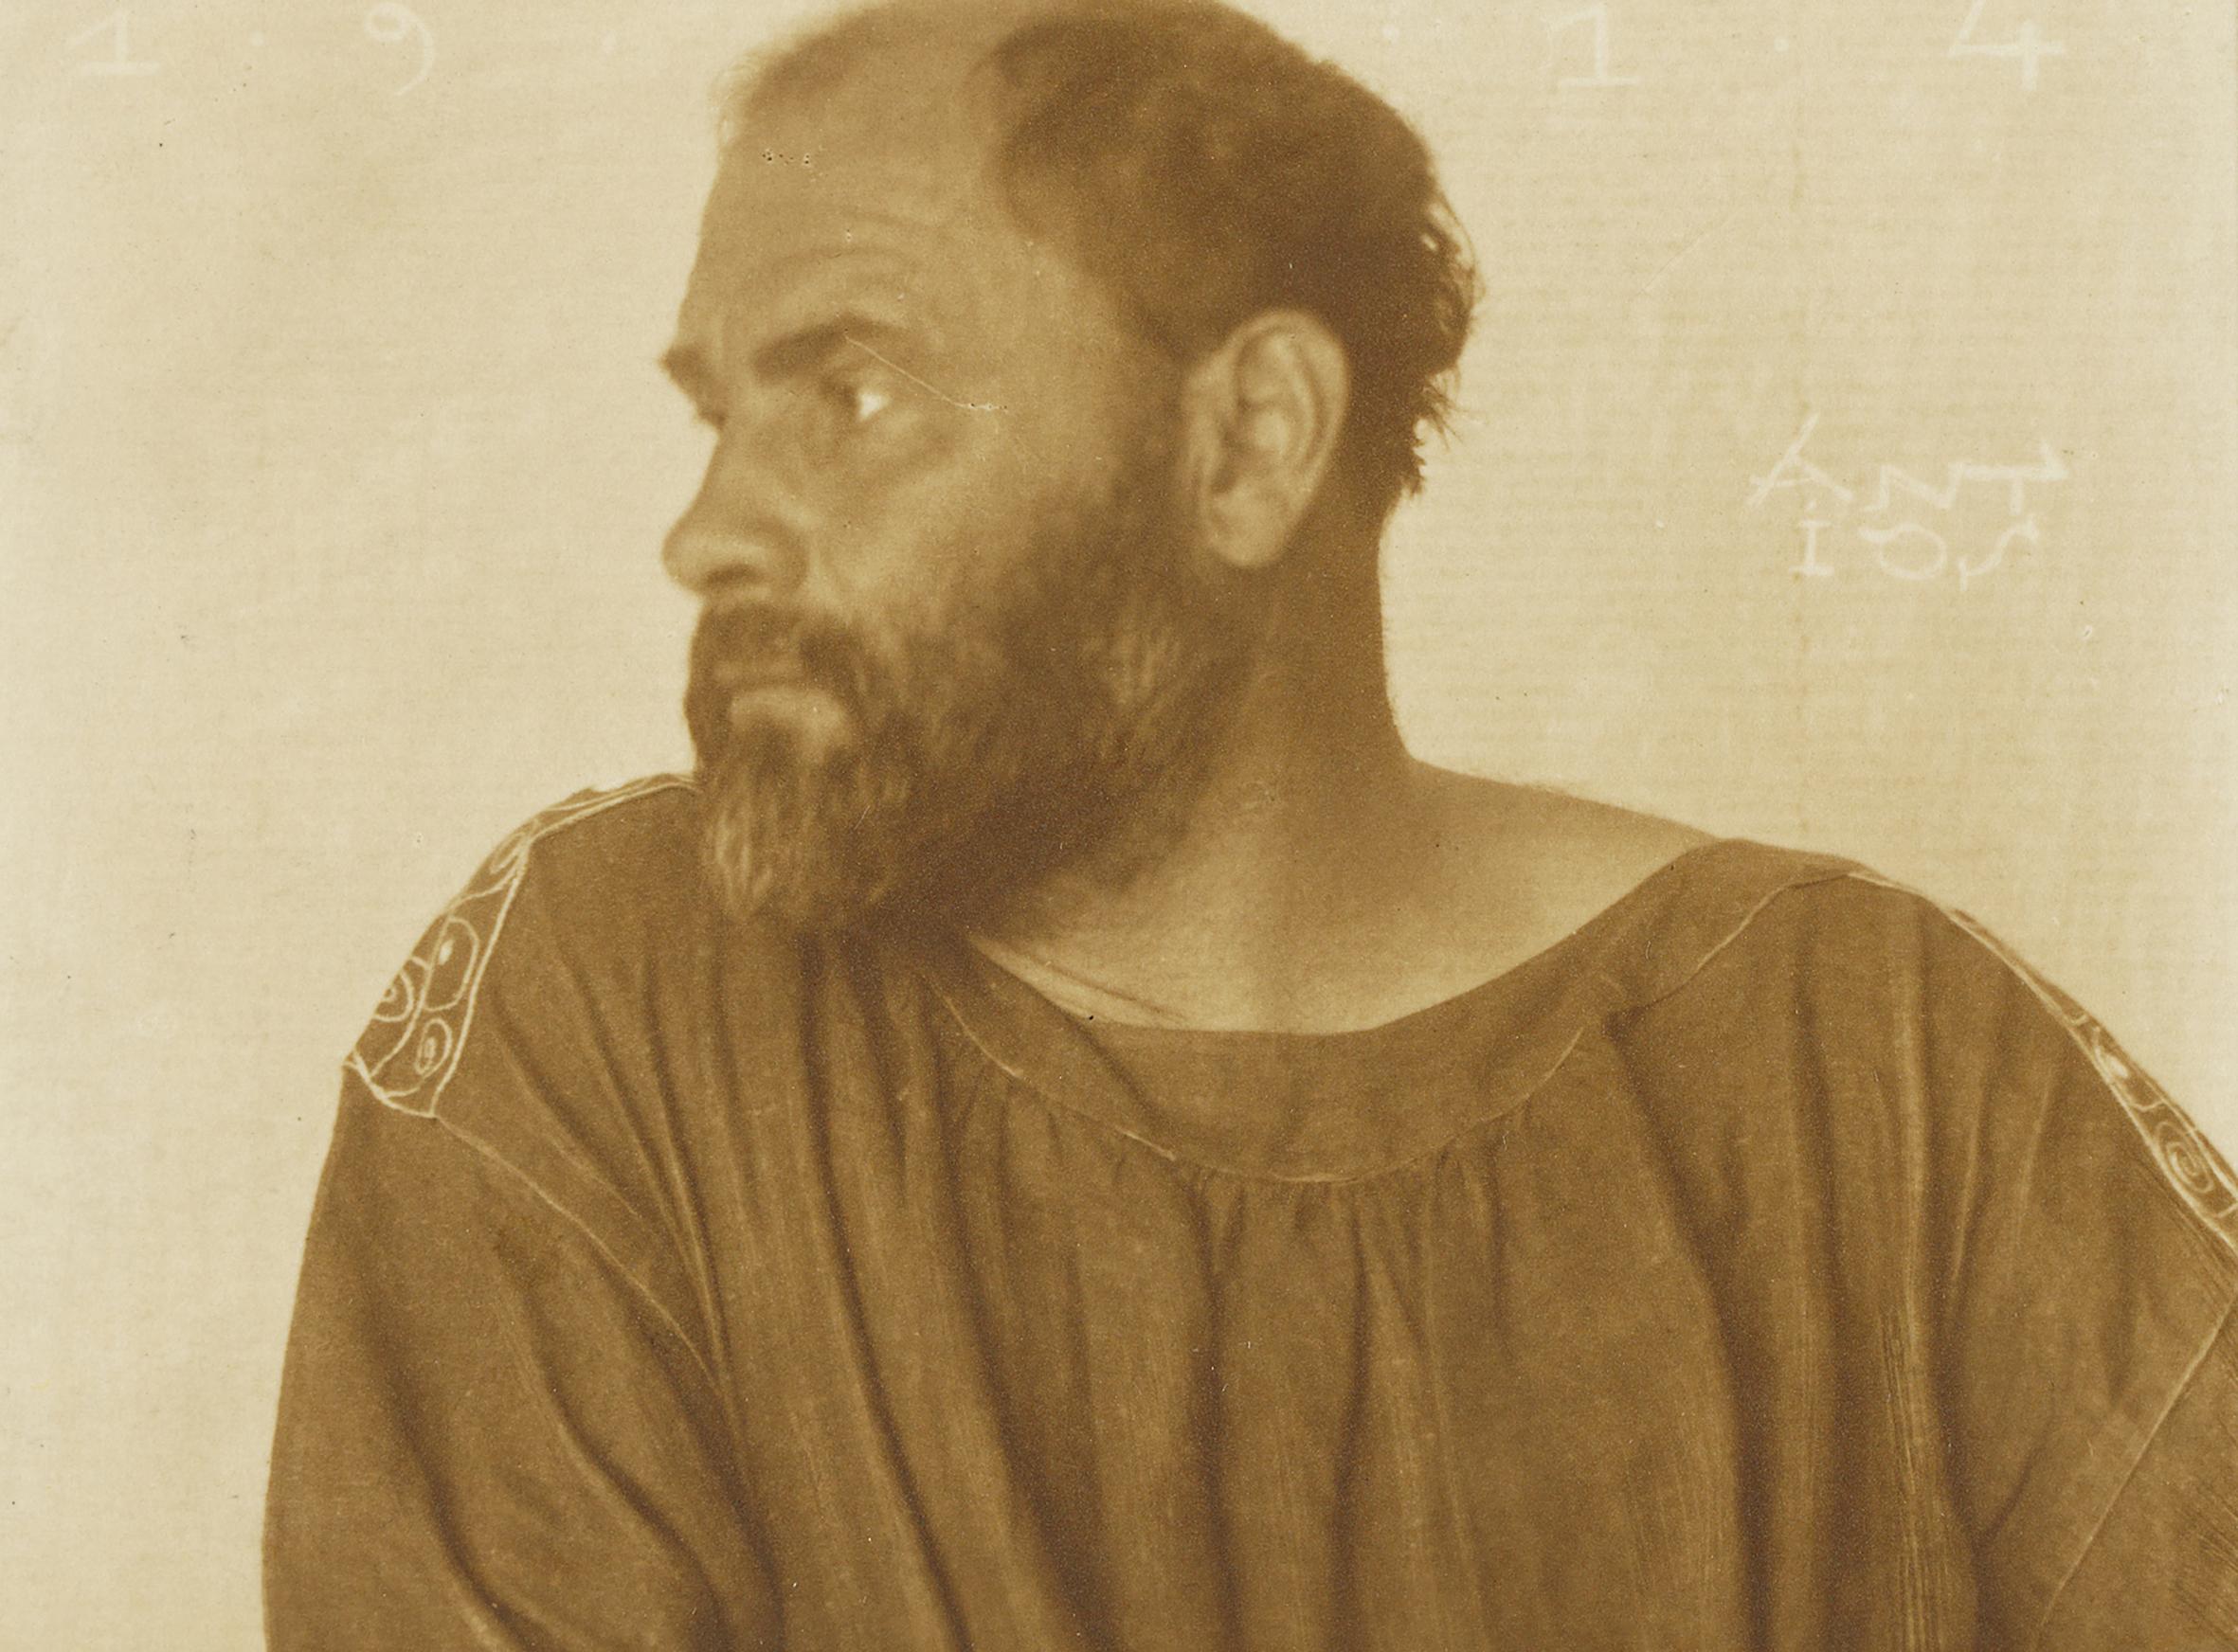 Qustav Klimt